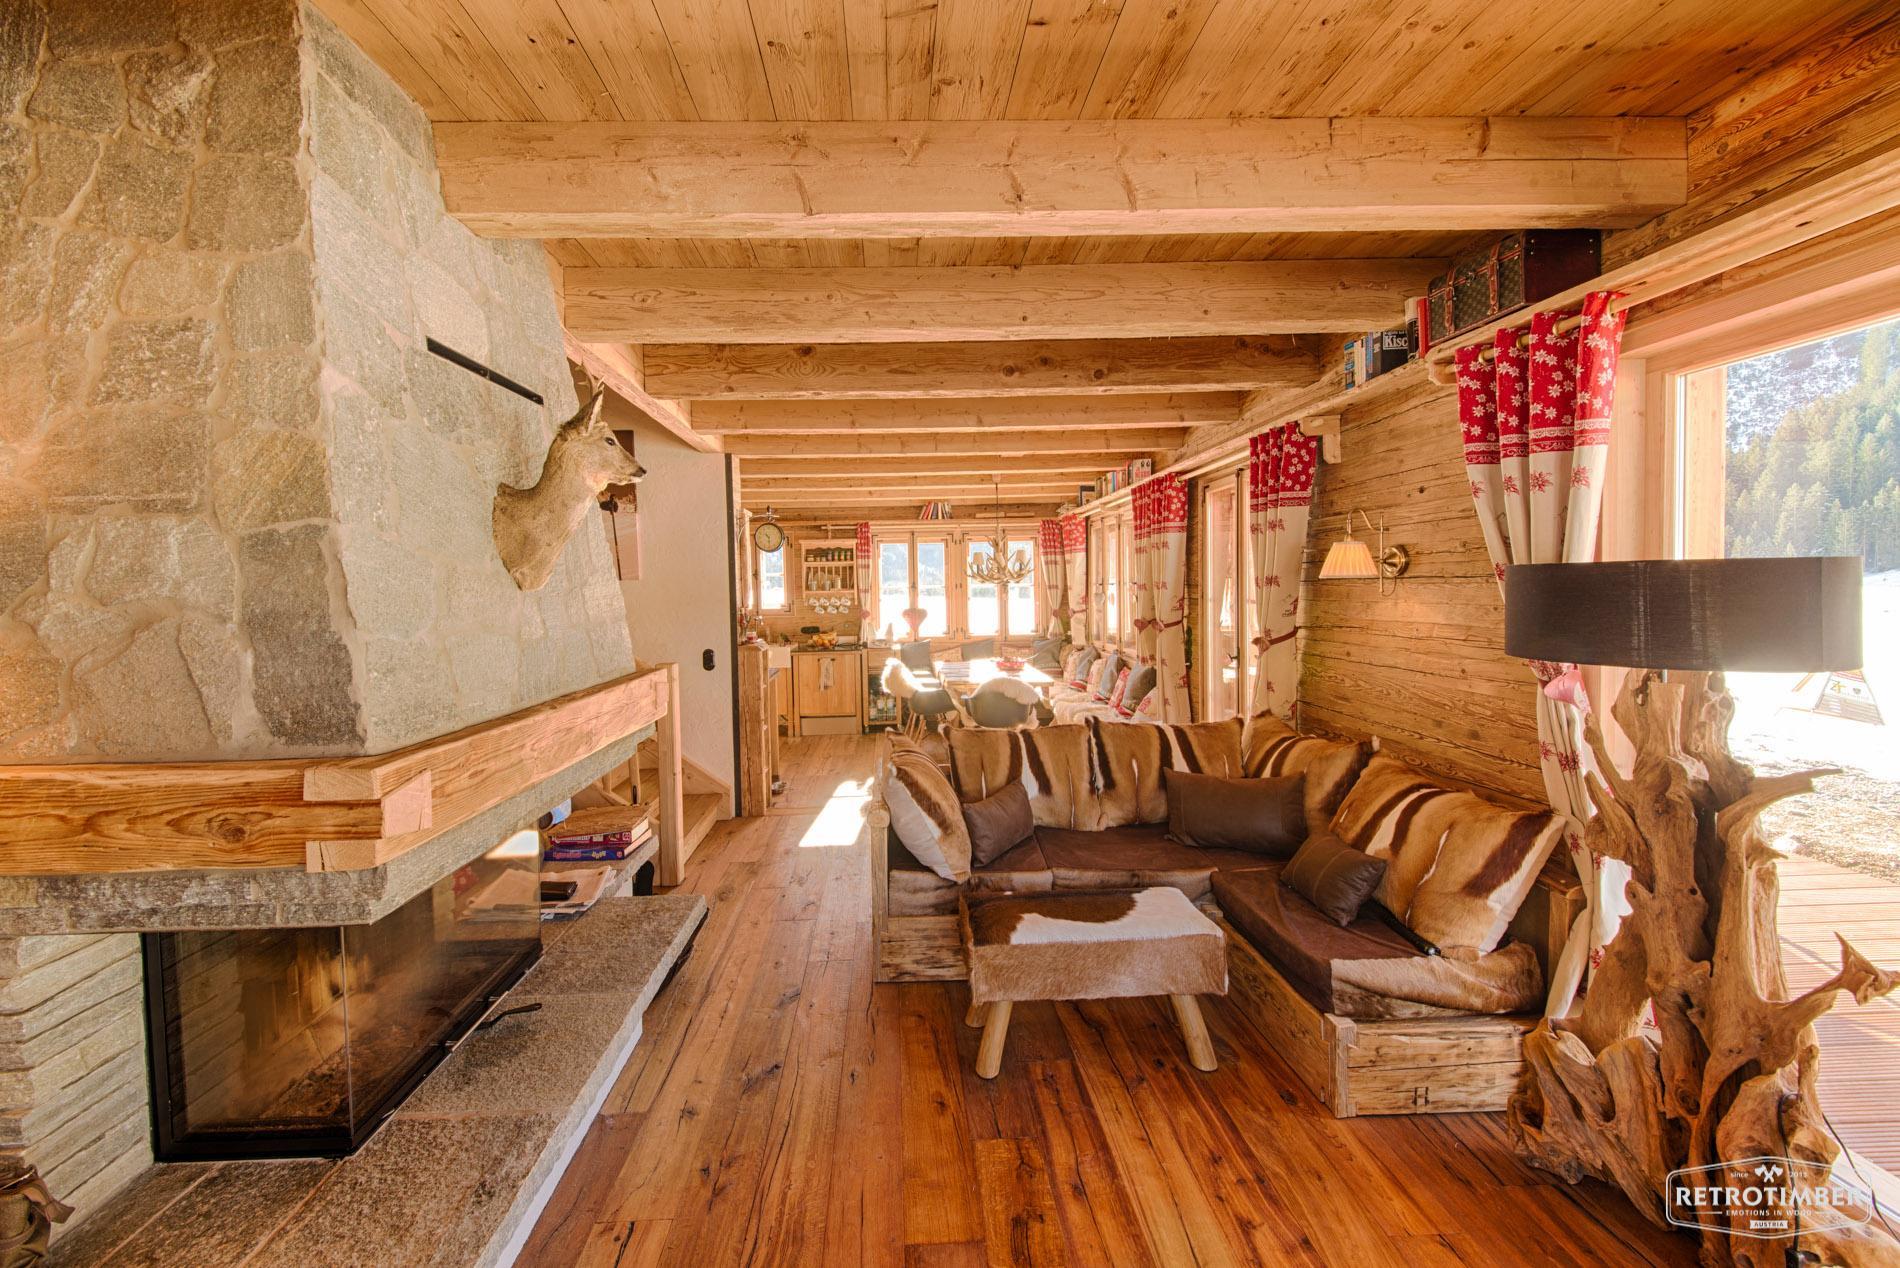 Landhausstil bilder ideen couchstyle for Wohnzimmereinrichtung landhausstil